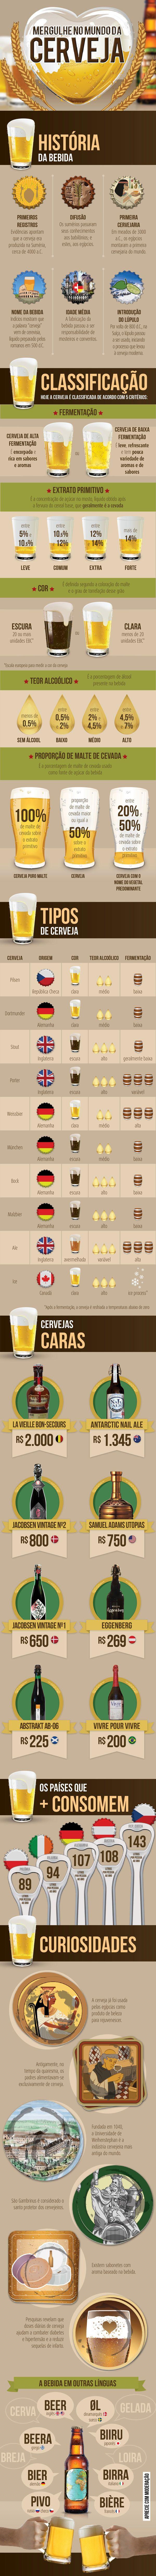 Um infográfico bonito, extenso e com muita informação sobre Cerveja: http://ale.pt/13tq8rA